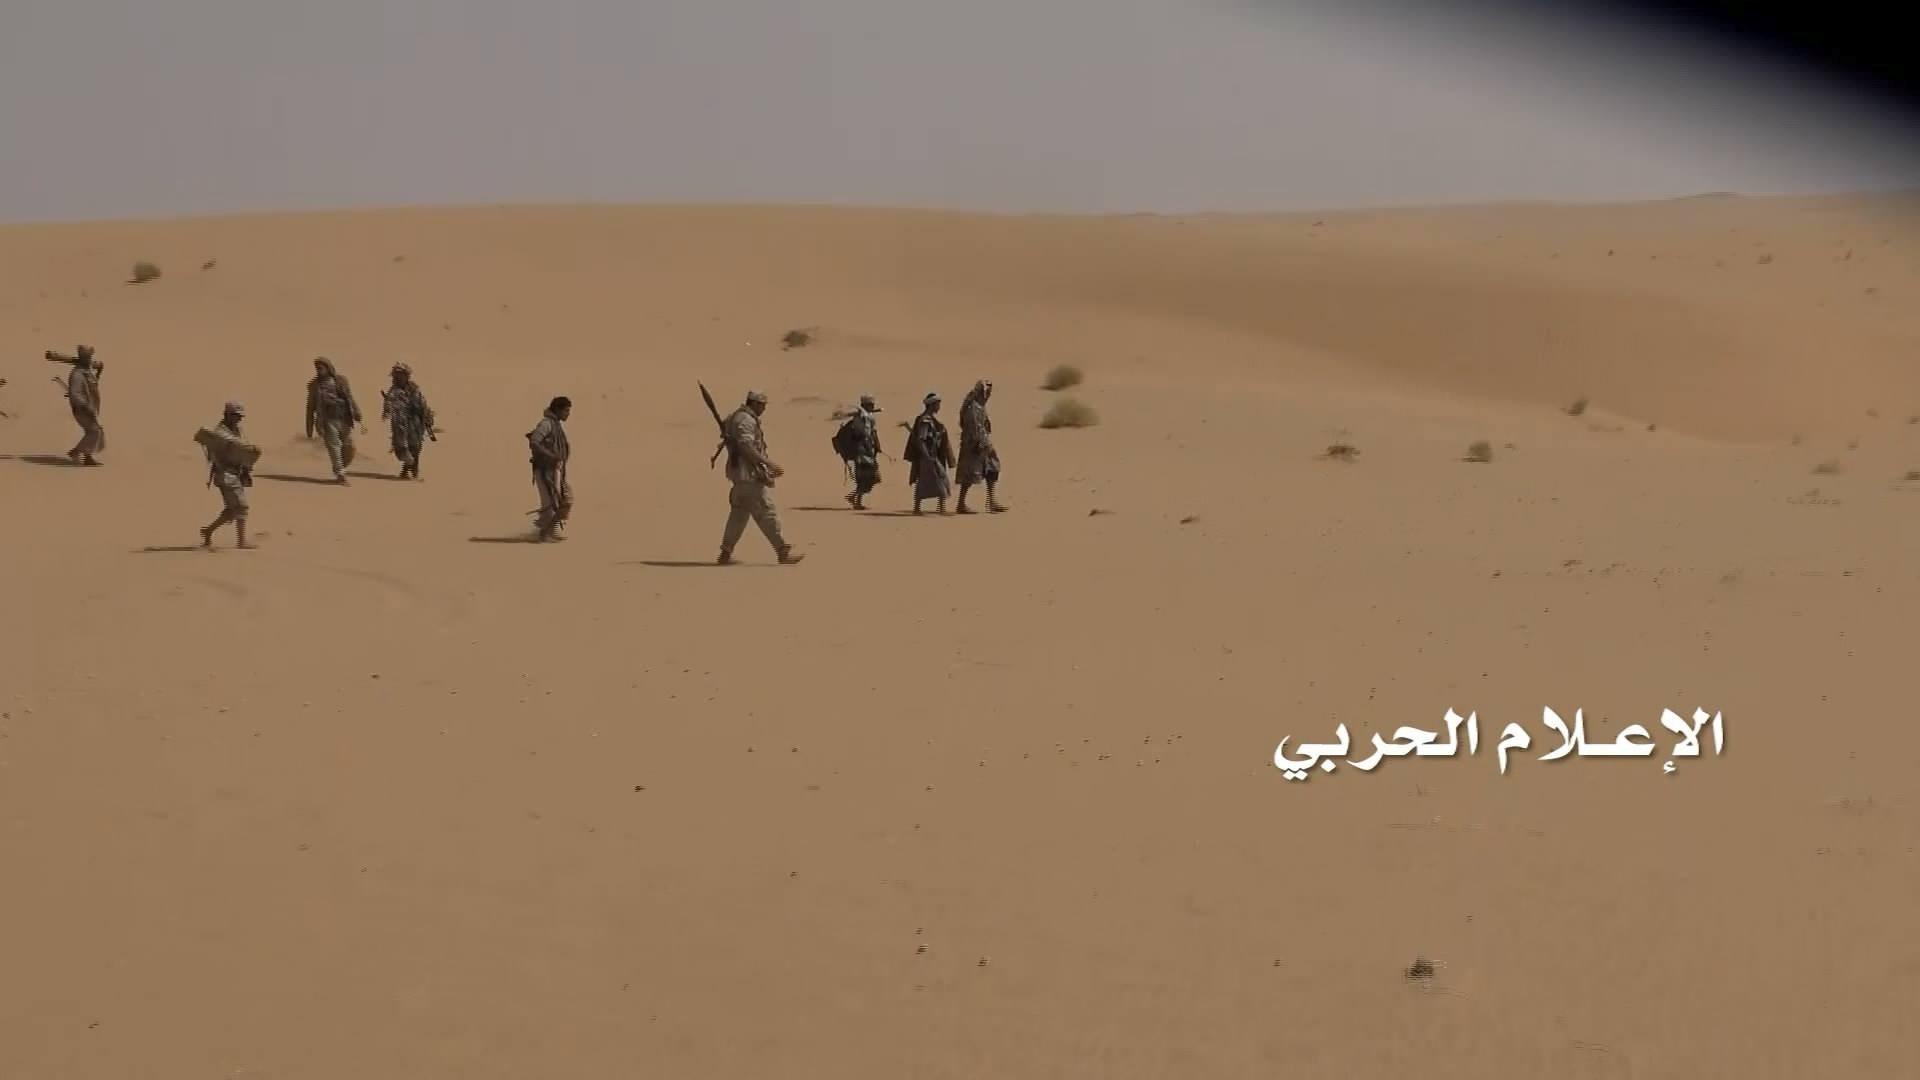 مصدر عسكري في حكومة صنعاء ينفي للميادين سيطرة قوات هادي على مناطق في مأرب